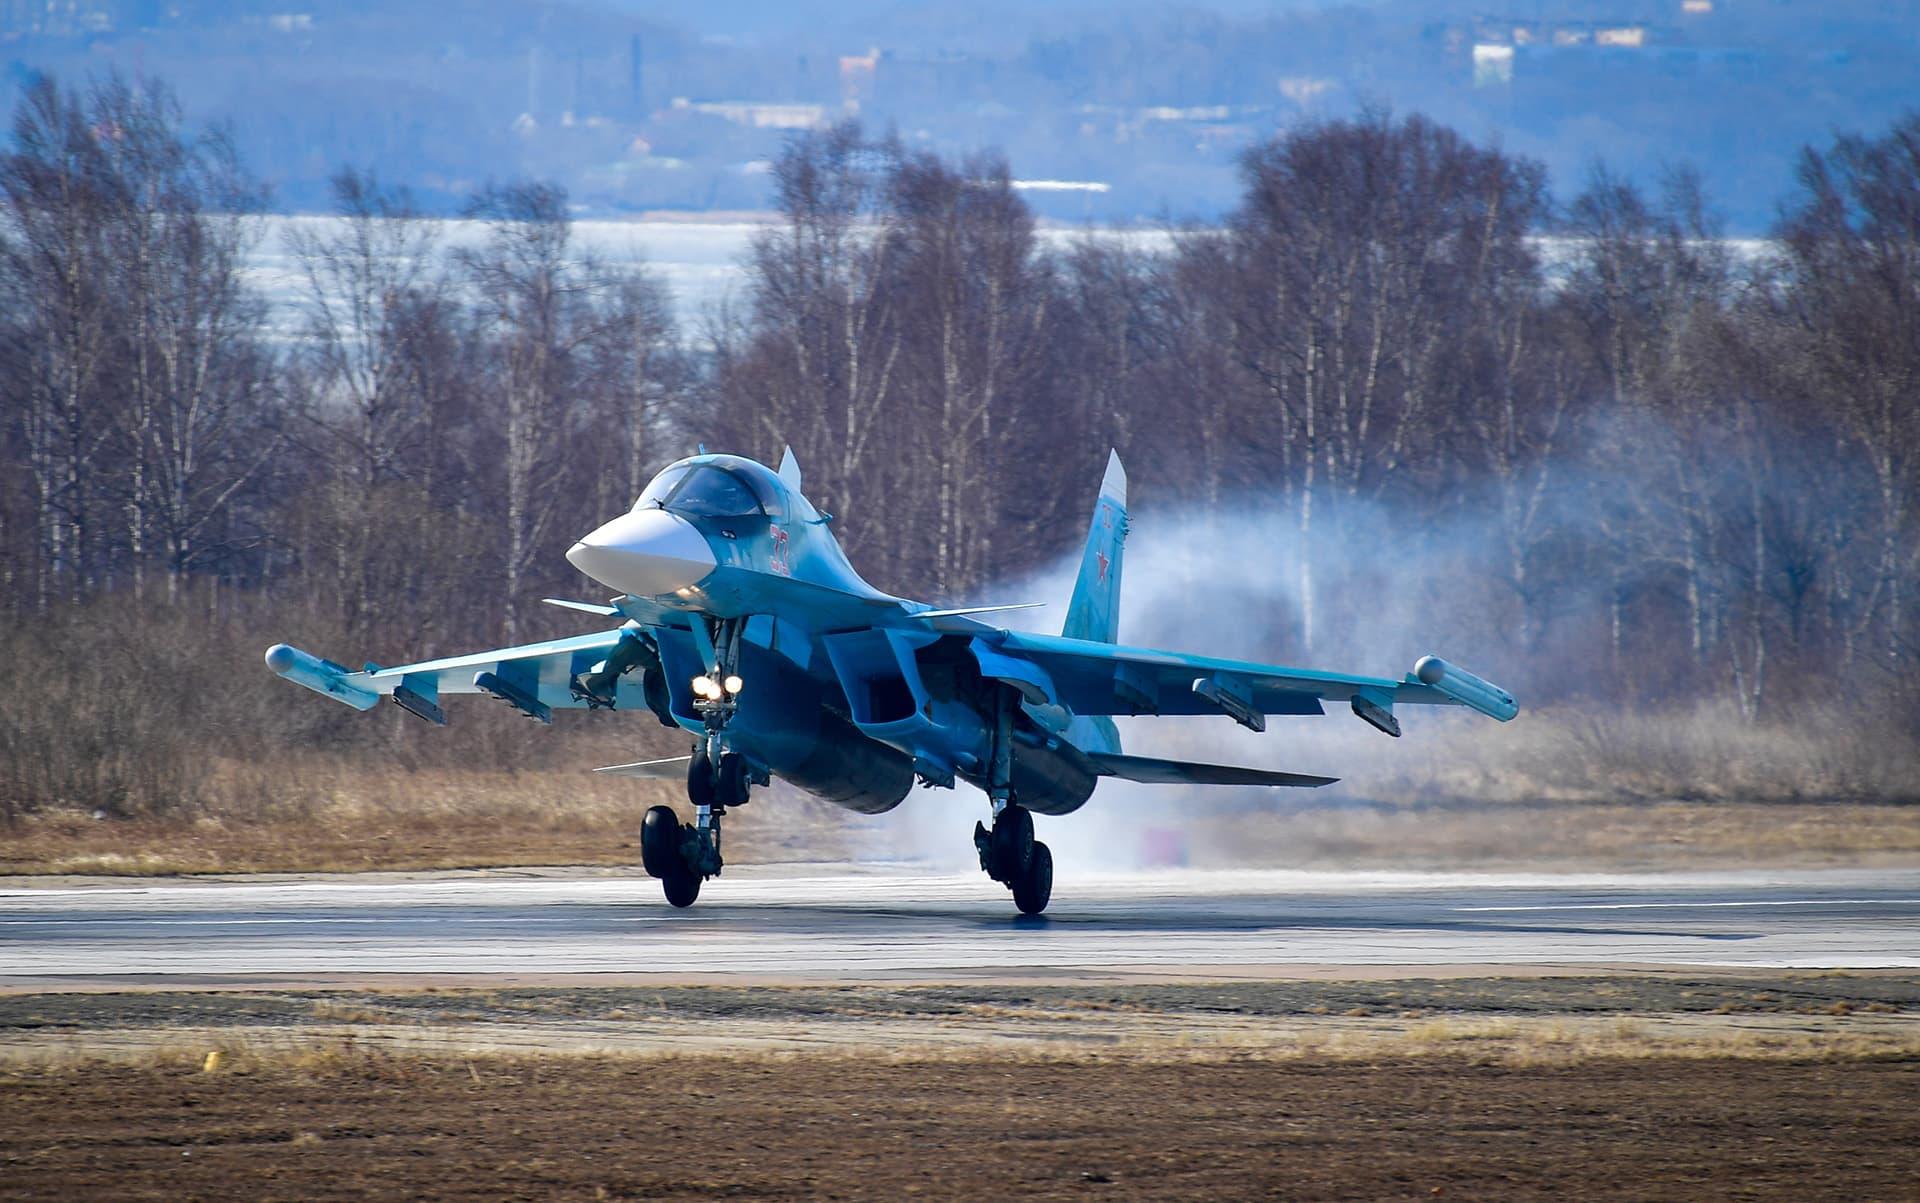 Suhoi Su-34.